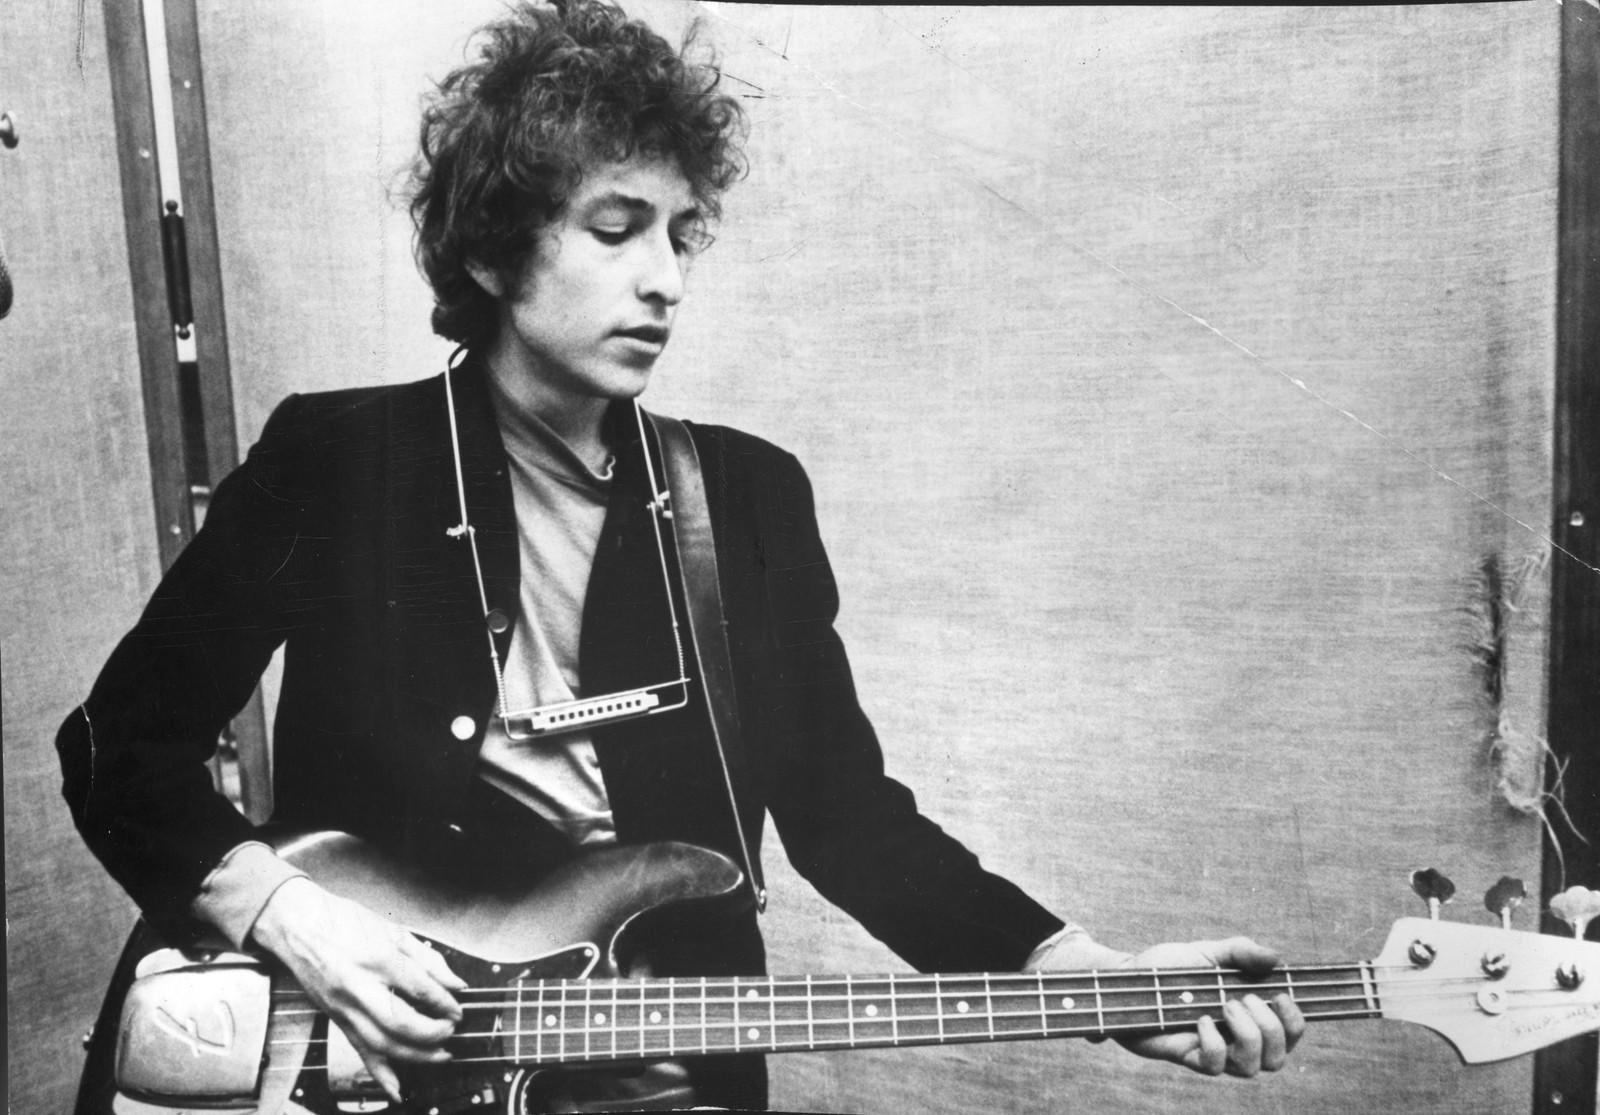 Et tidlig bilde av Bob Dylan som spiller bassgitar.